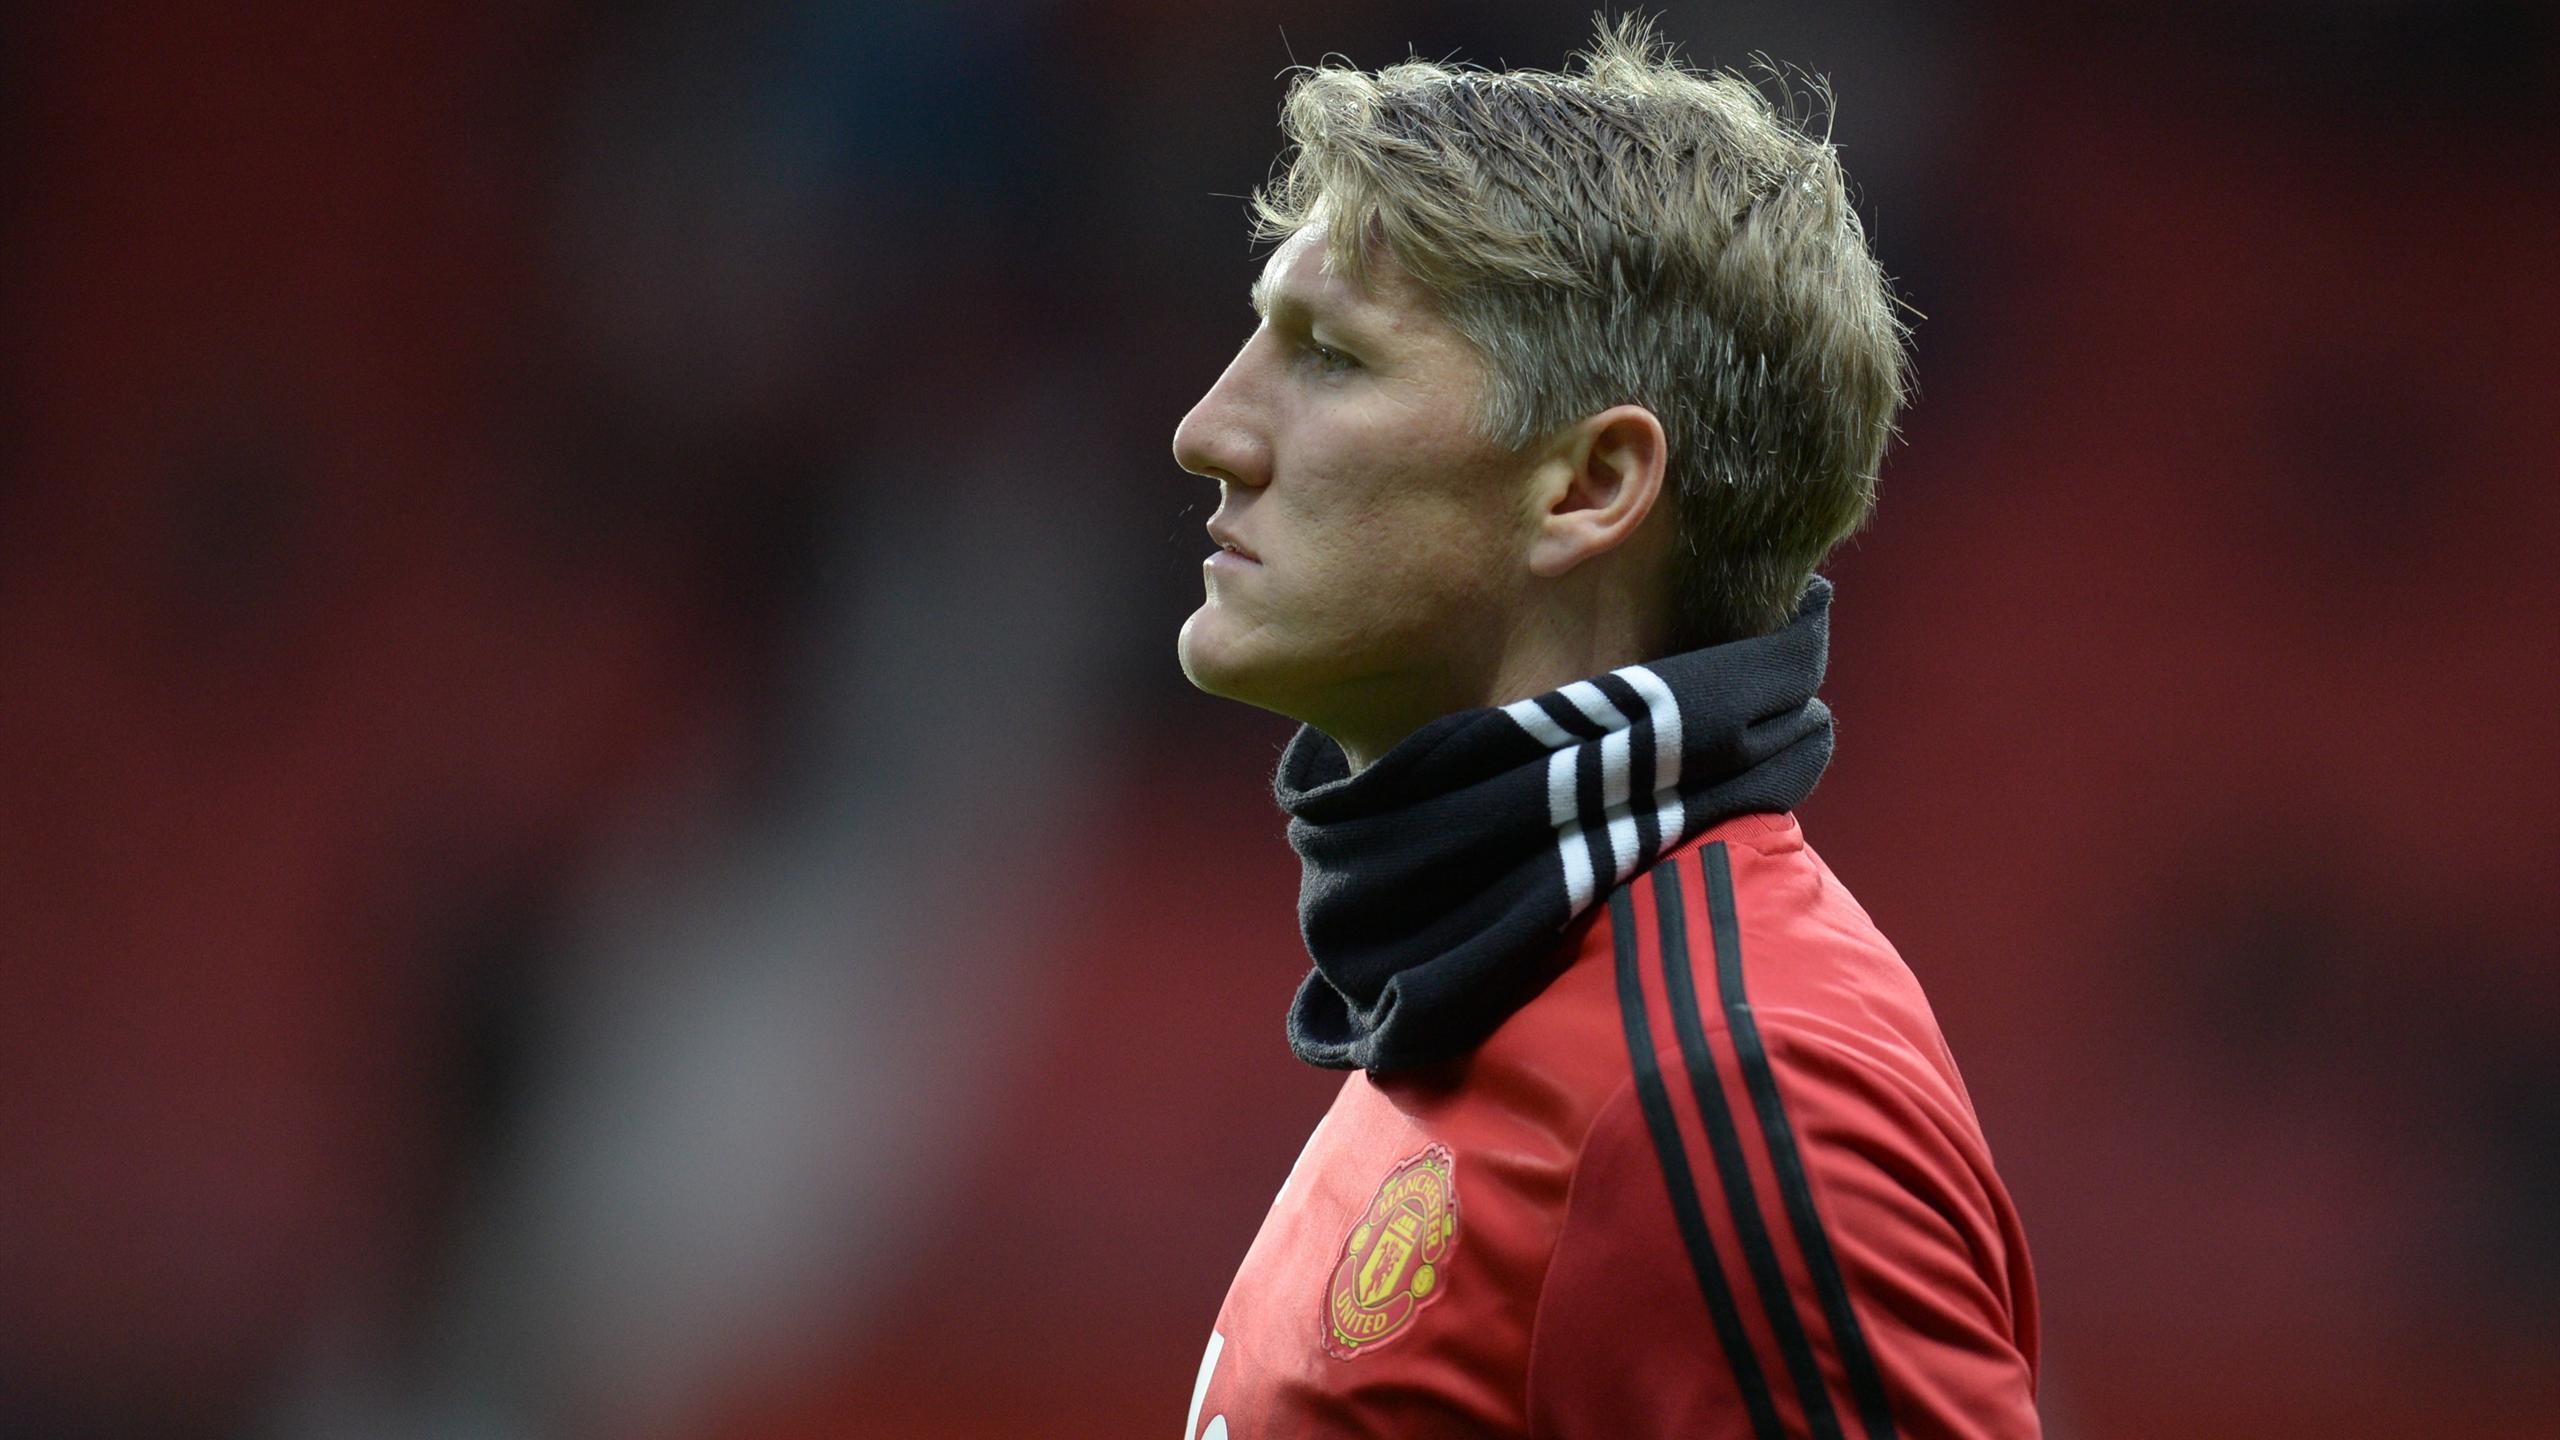 Manchester United's German midfielder Bastian Schweinsteiger warms up